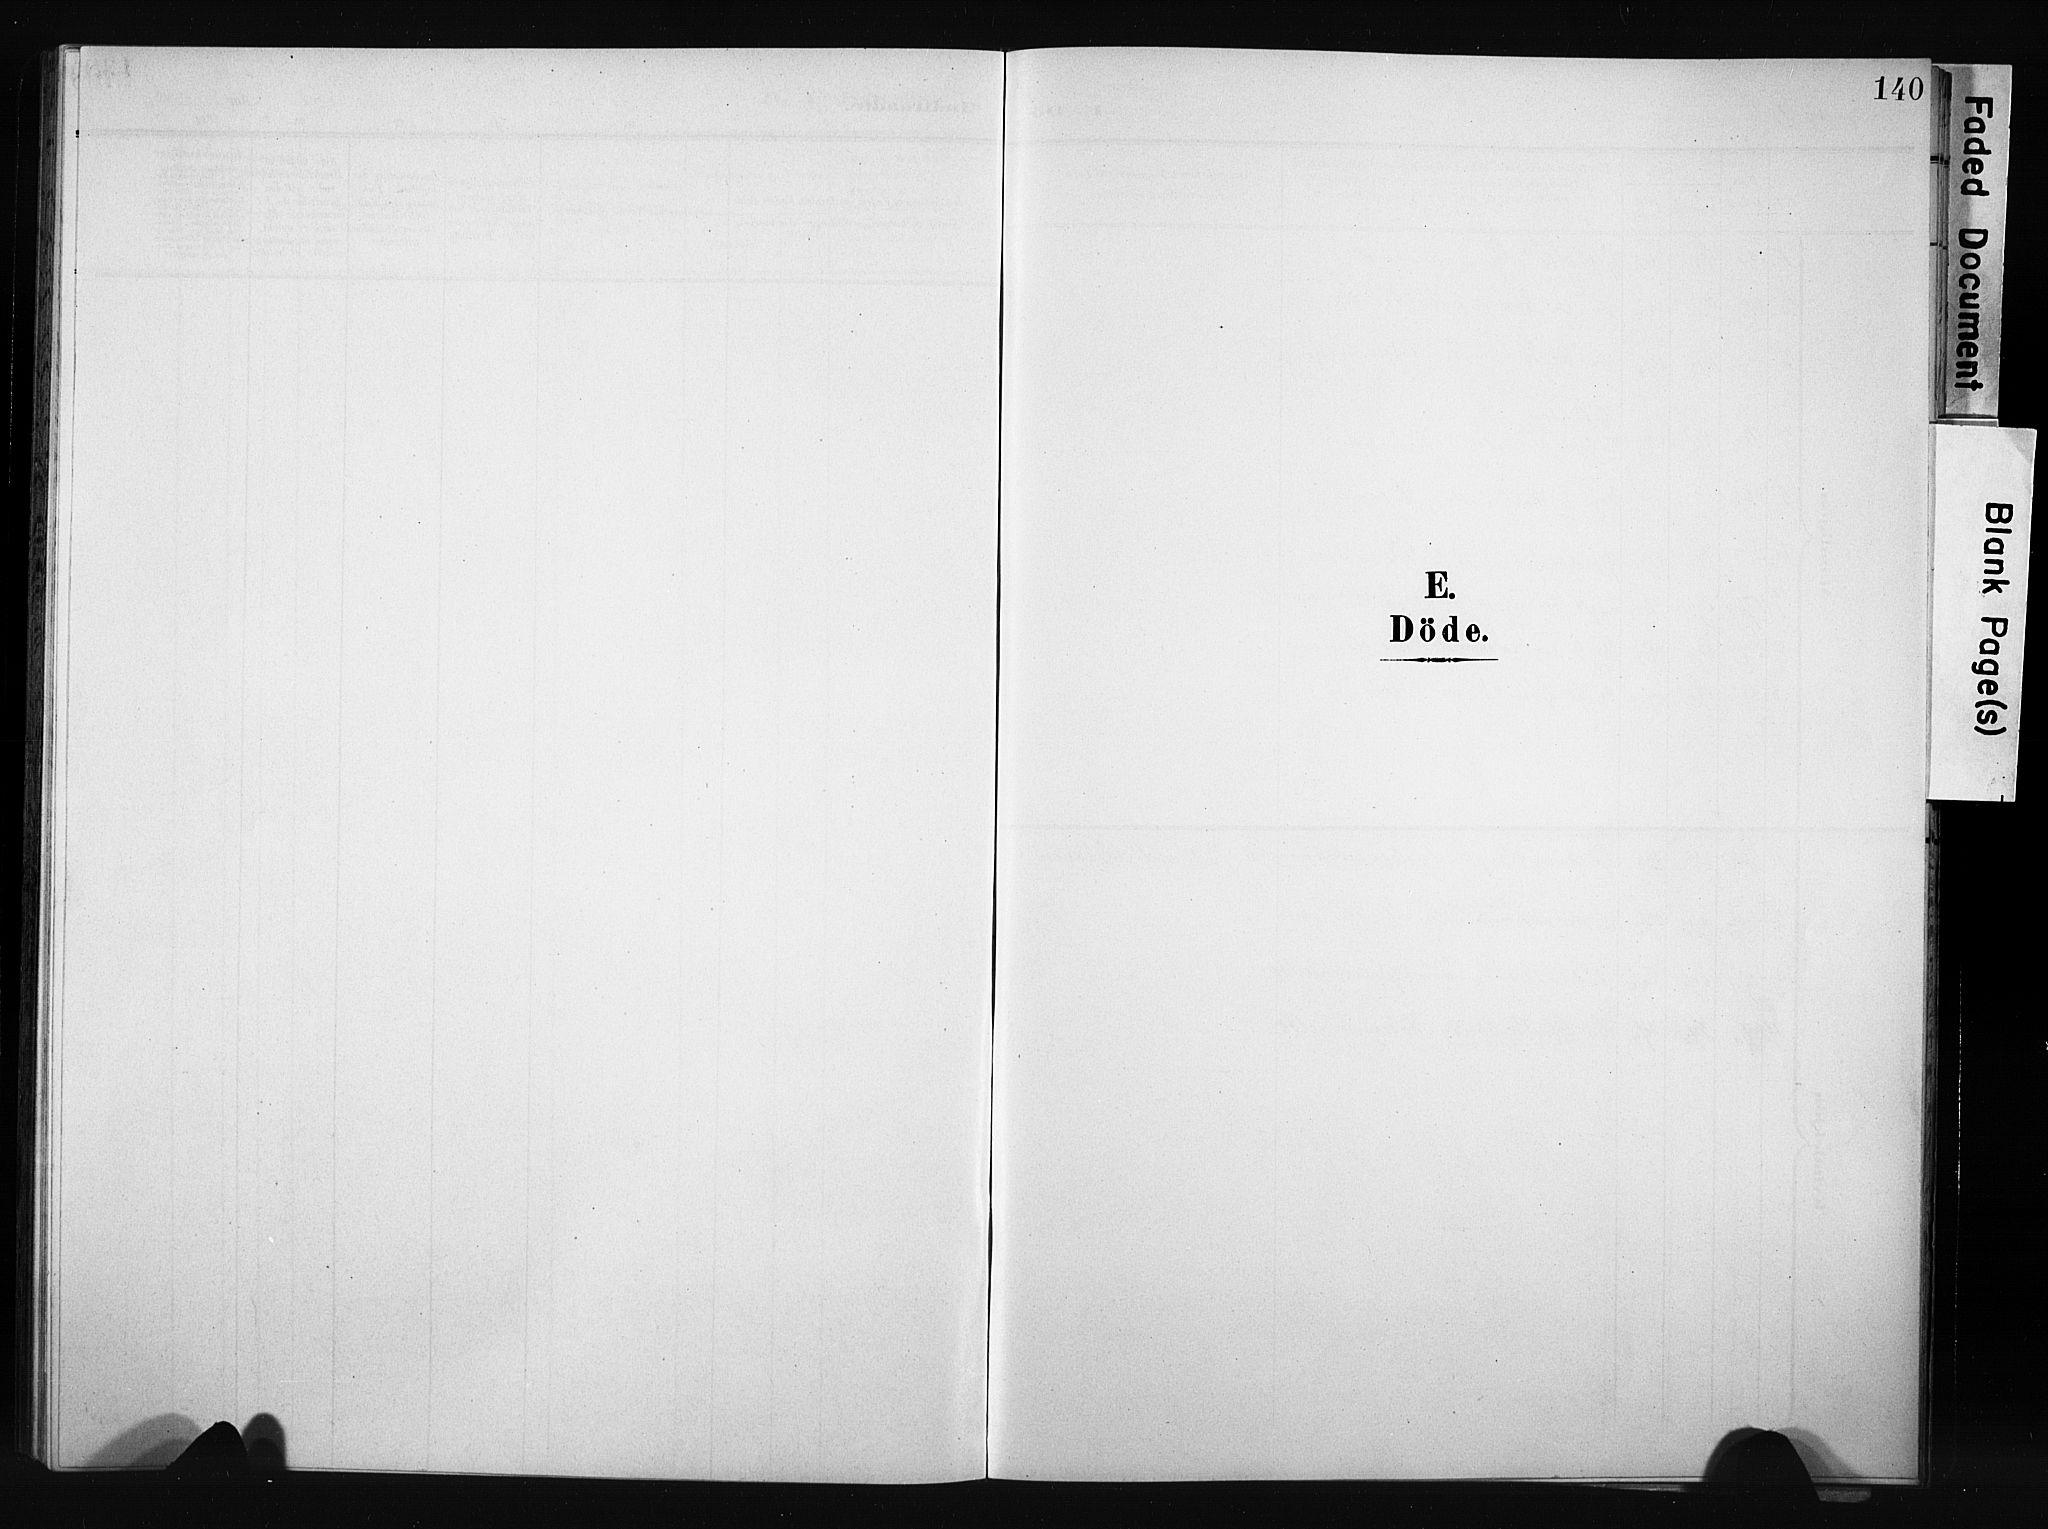 SAH, Nordre Land prestekontor, Klokkerbok nr. 6, 1905-1929, s. 140